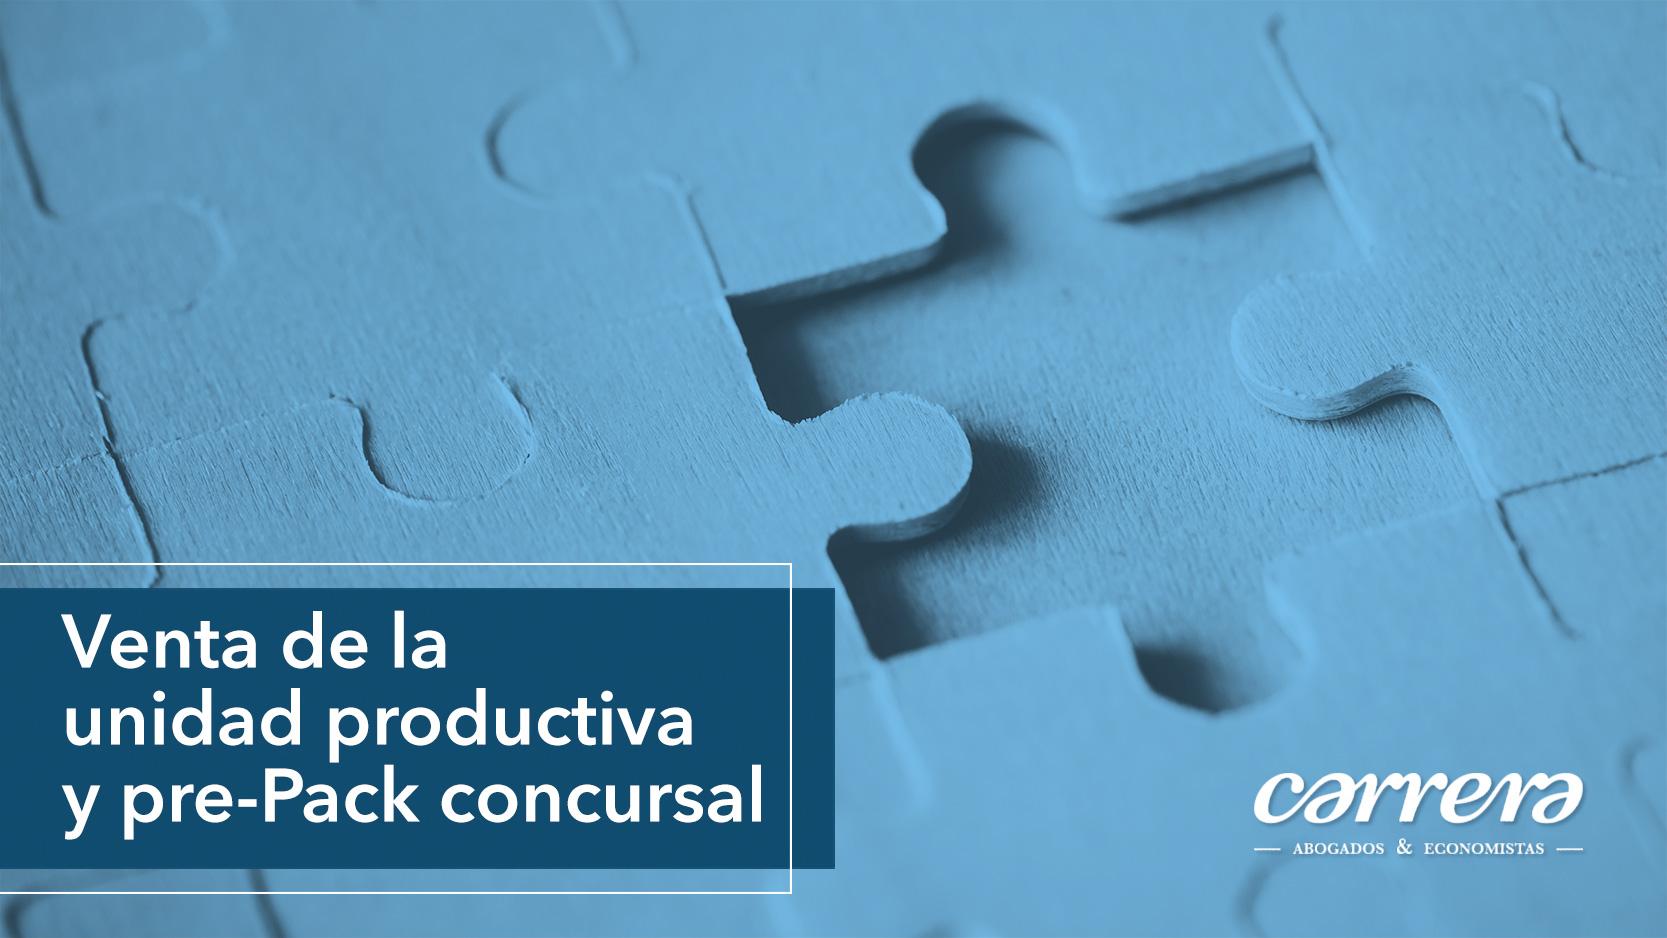 VENTA DE UNIDAD PRODUCTIVA Y PRE-PACK CONCURSAL